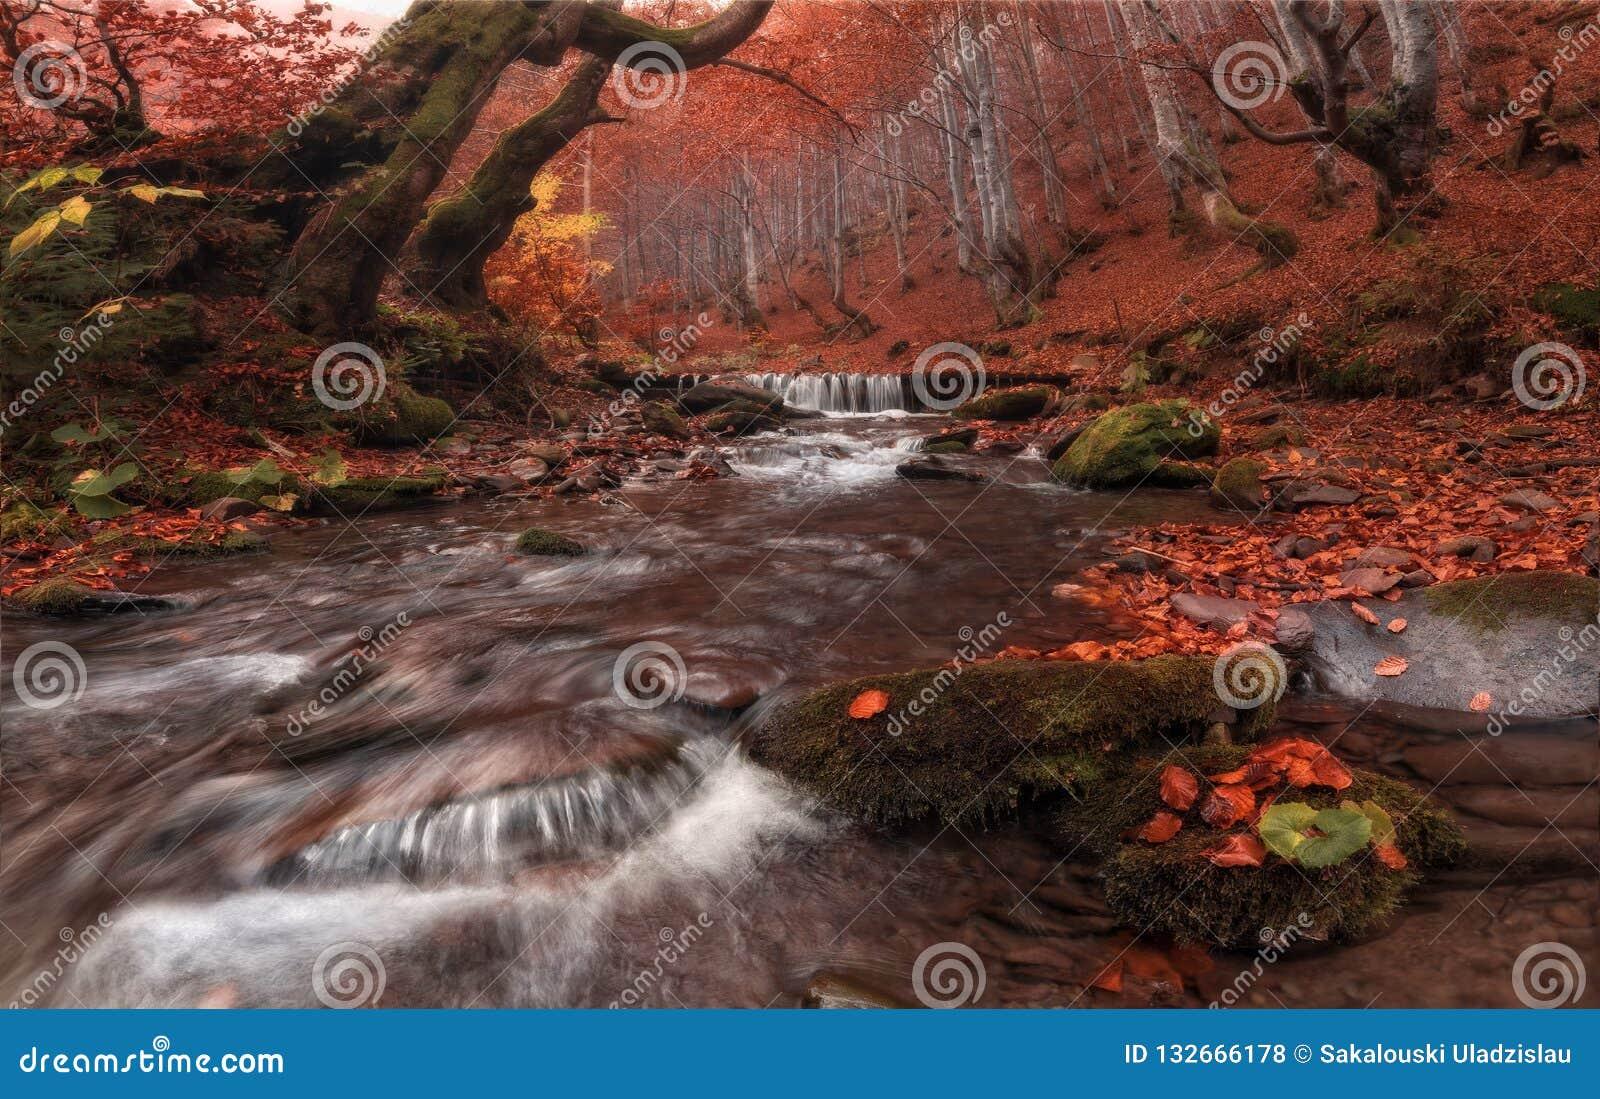 Córrego da queda: Grande cor vermelha de Autumn Beech Forest Landscape In com angra e Misty Grey Forest Enchanted Autum bonitas d